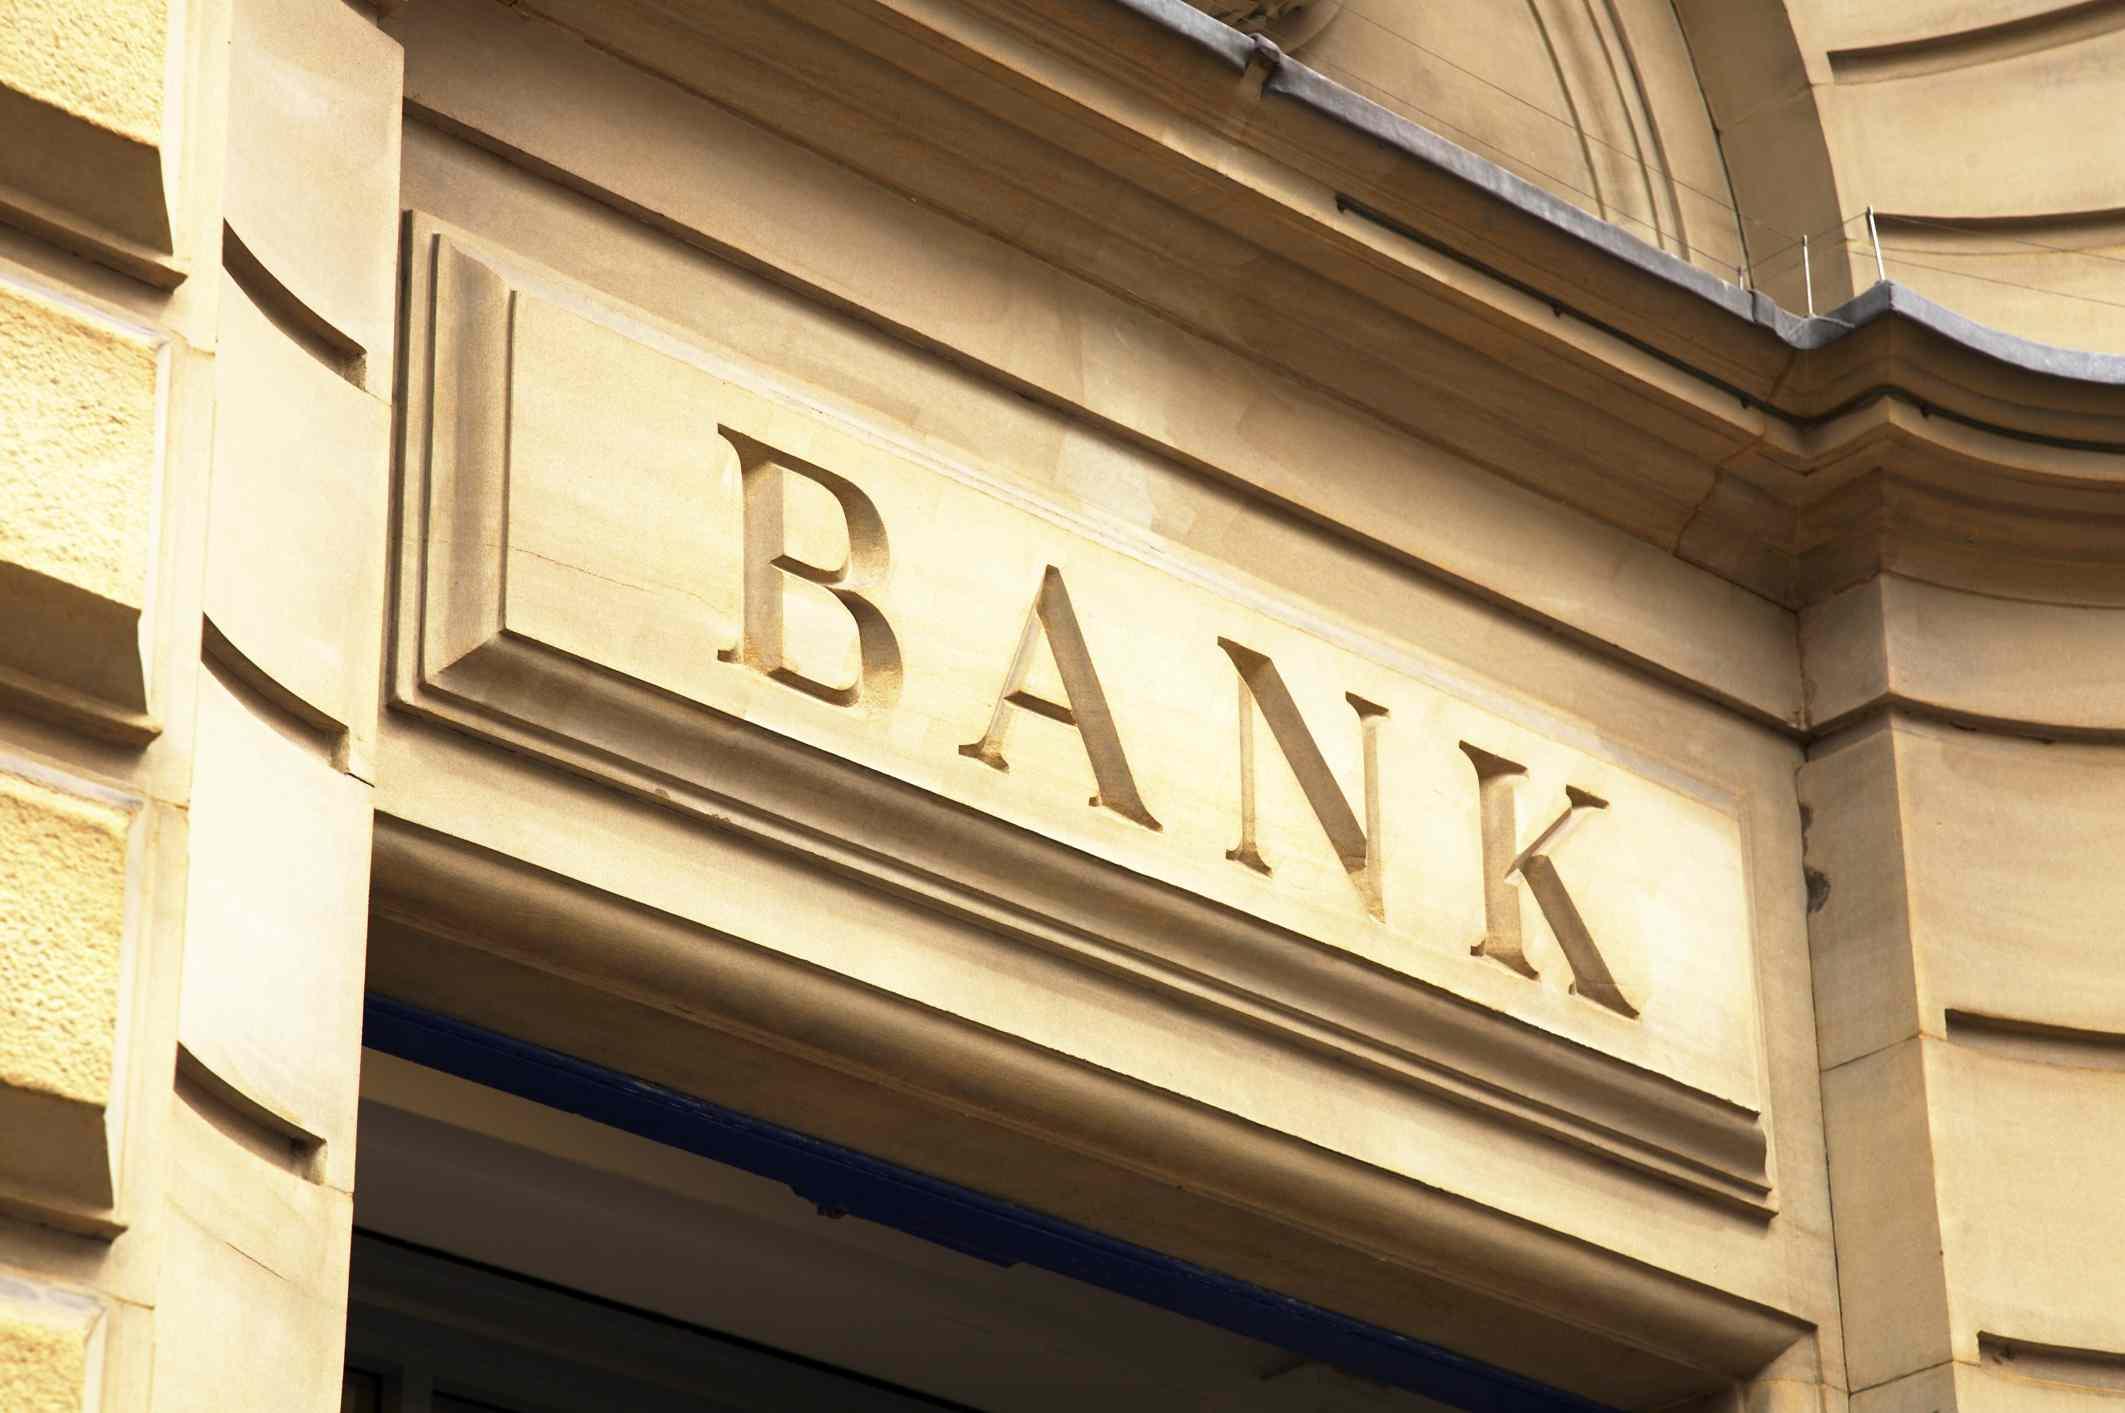 Pelatihan penerapan good corporate governance dalam perbankan